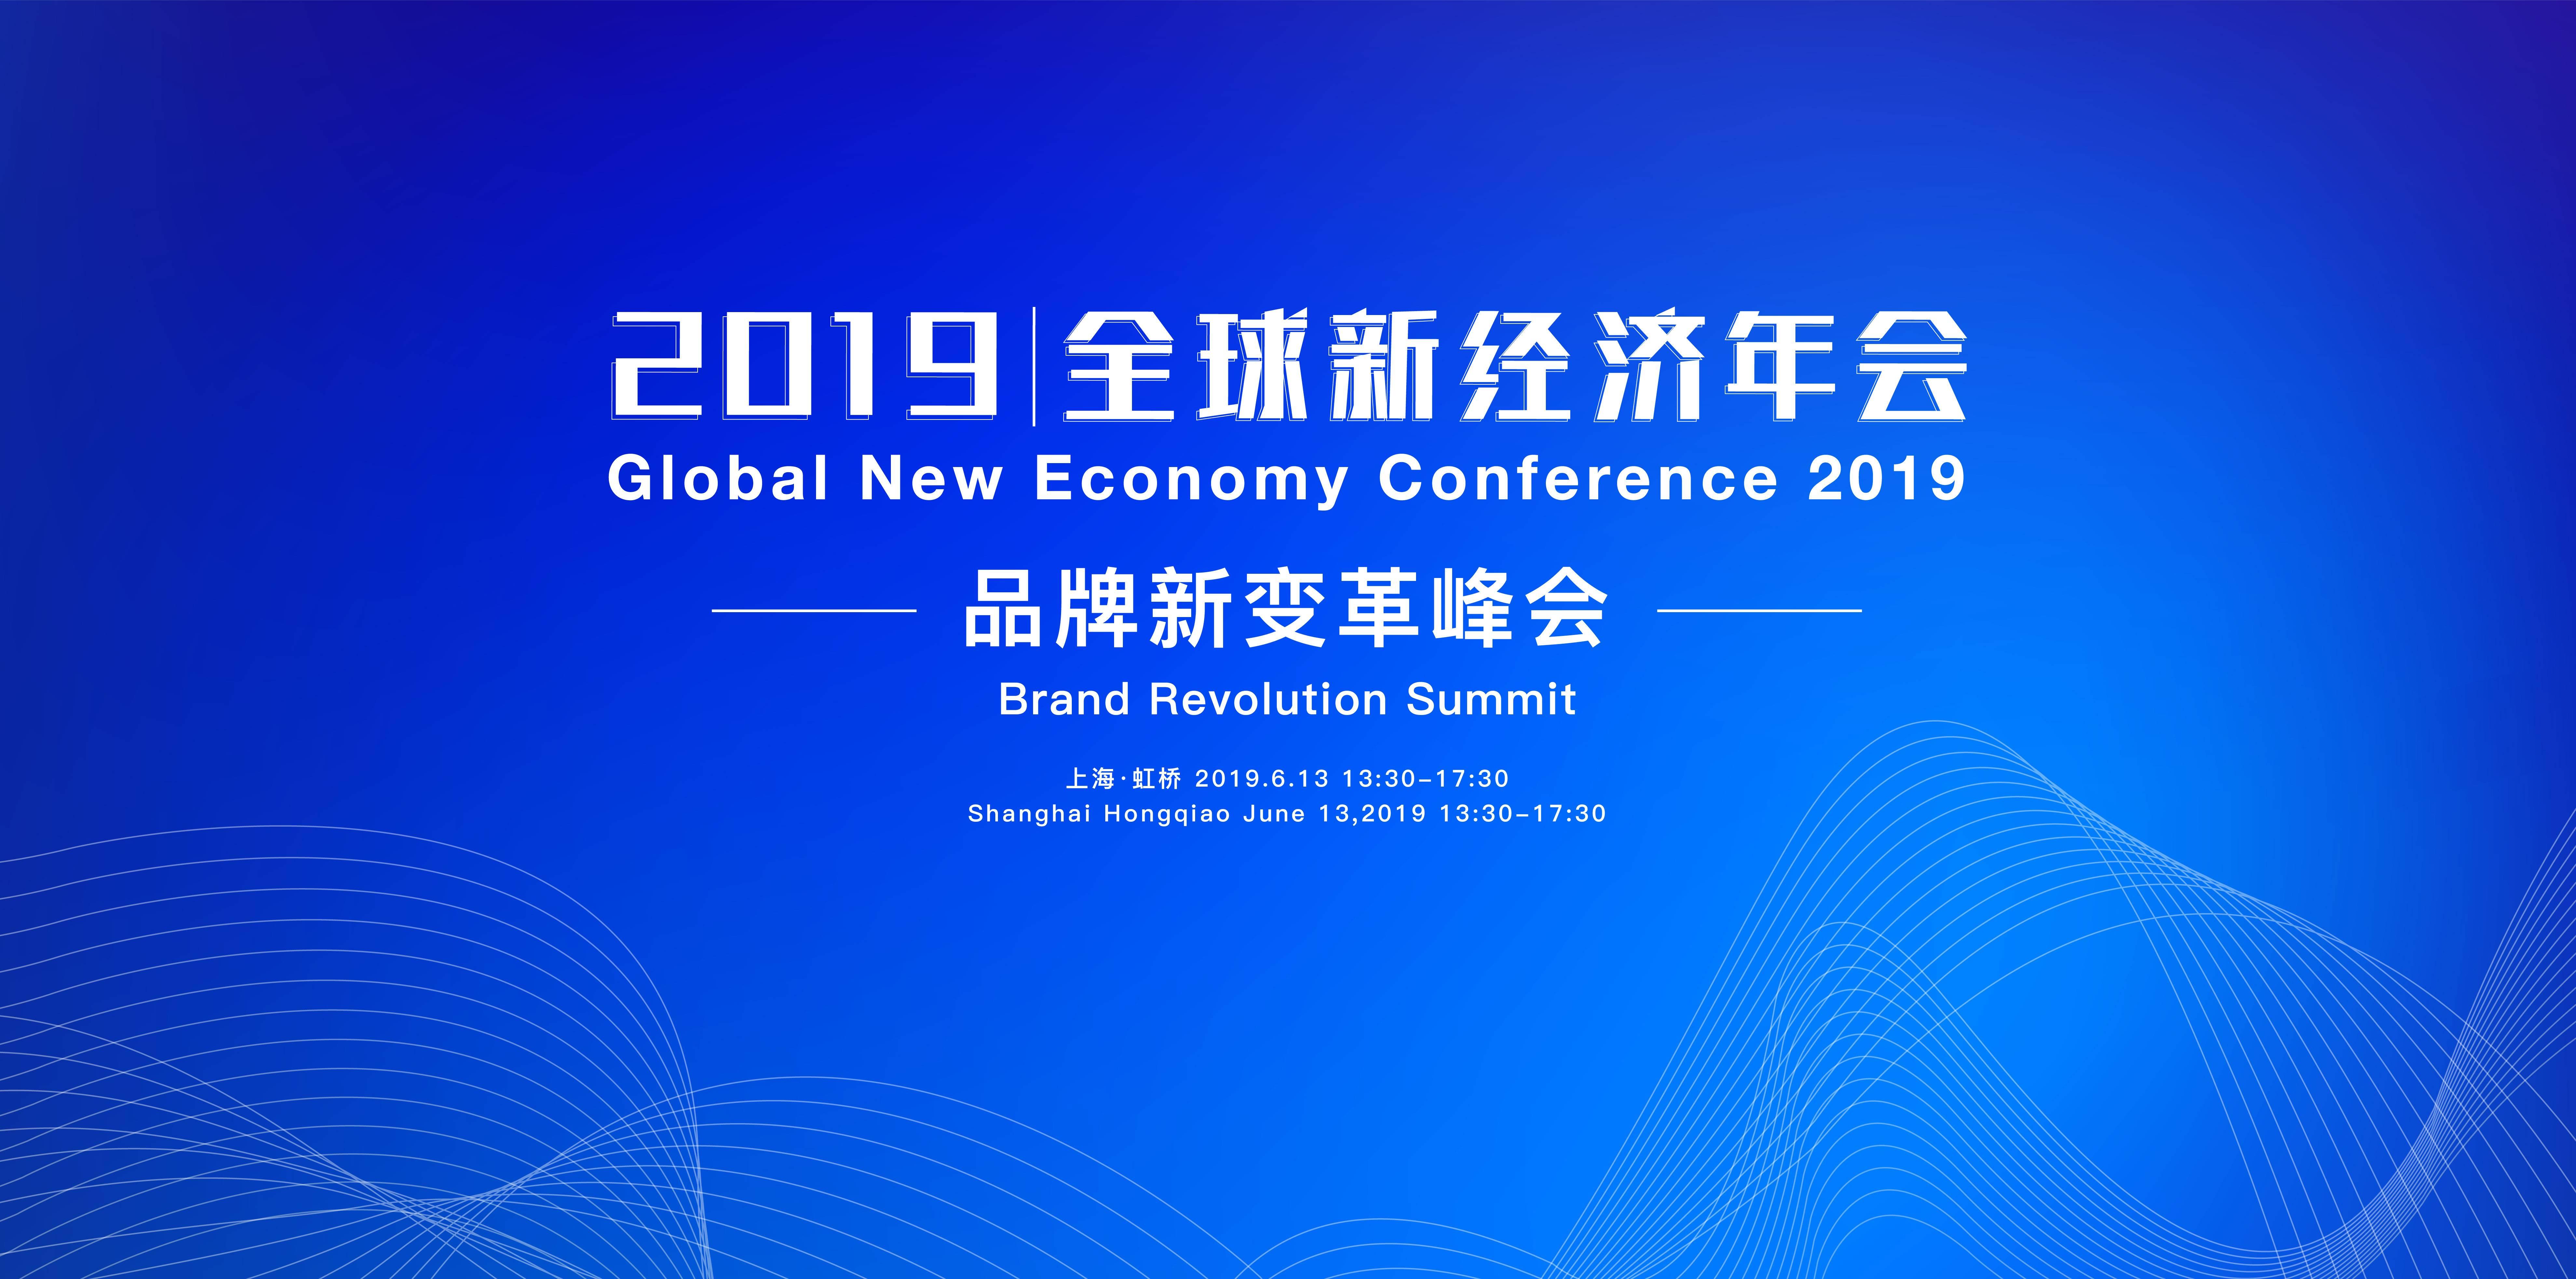 190610_倒计时3天!亿欧2019上海品牌新变革峰会即将开幕封面